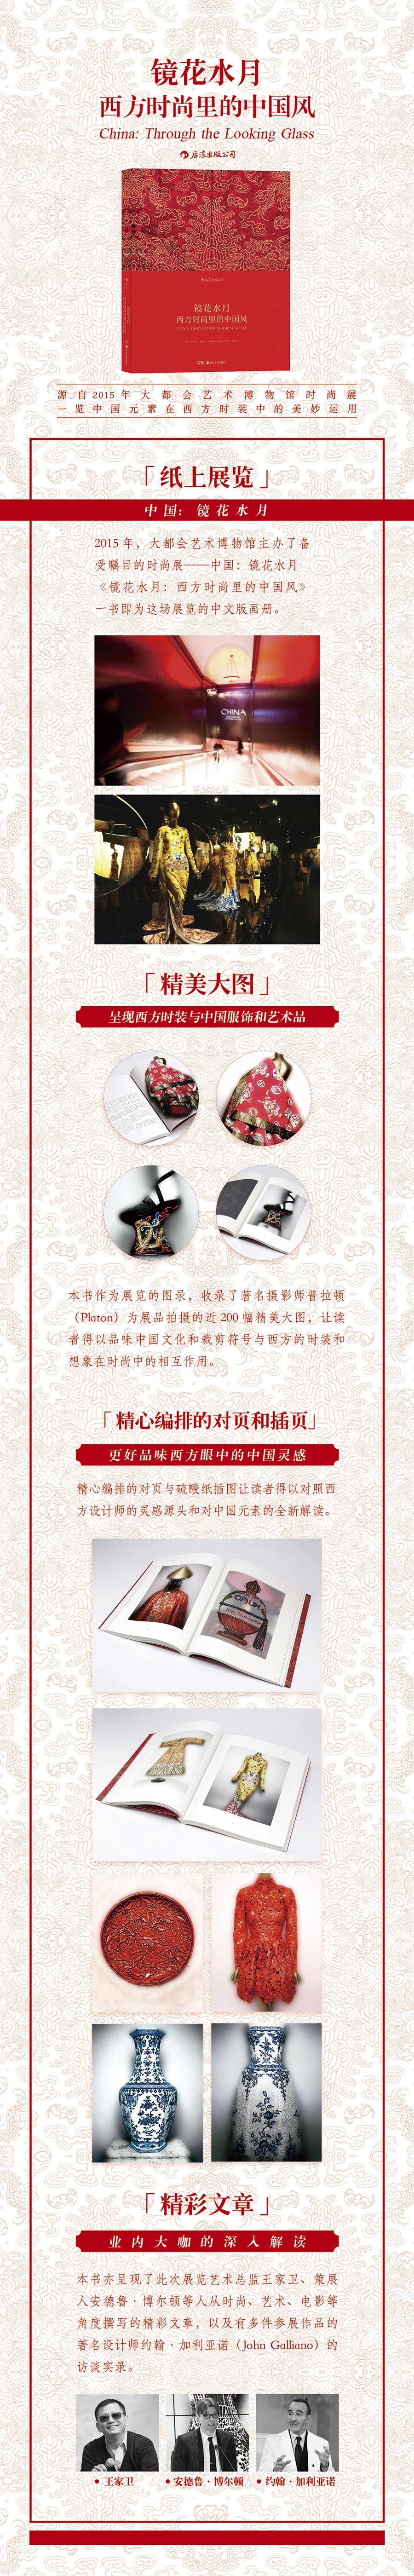 meishubao/2018051810514965487.jpg